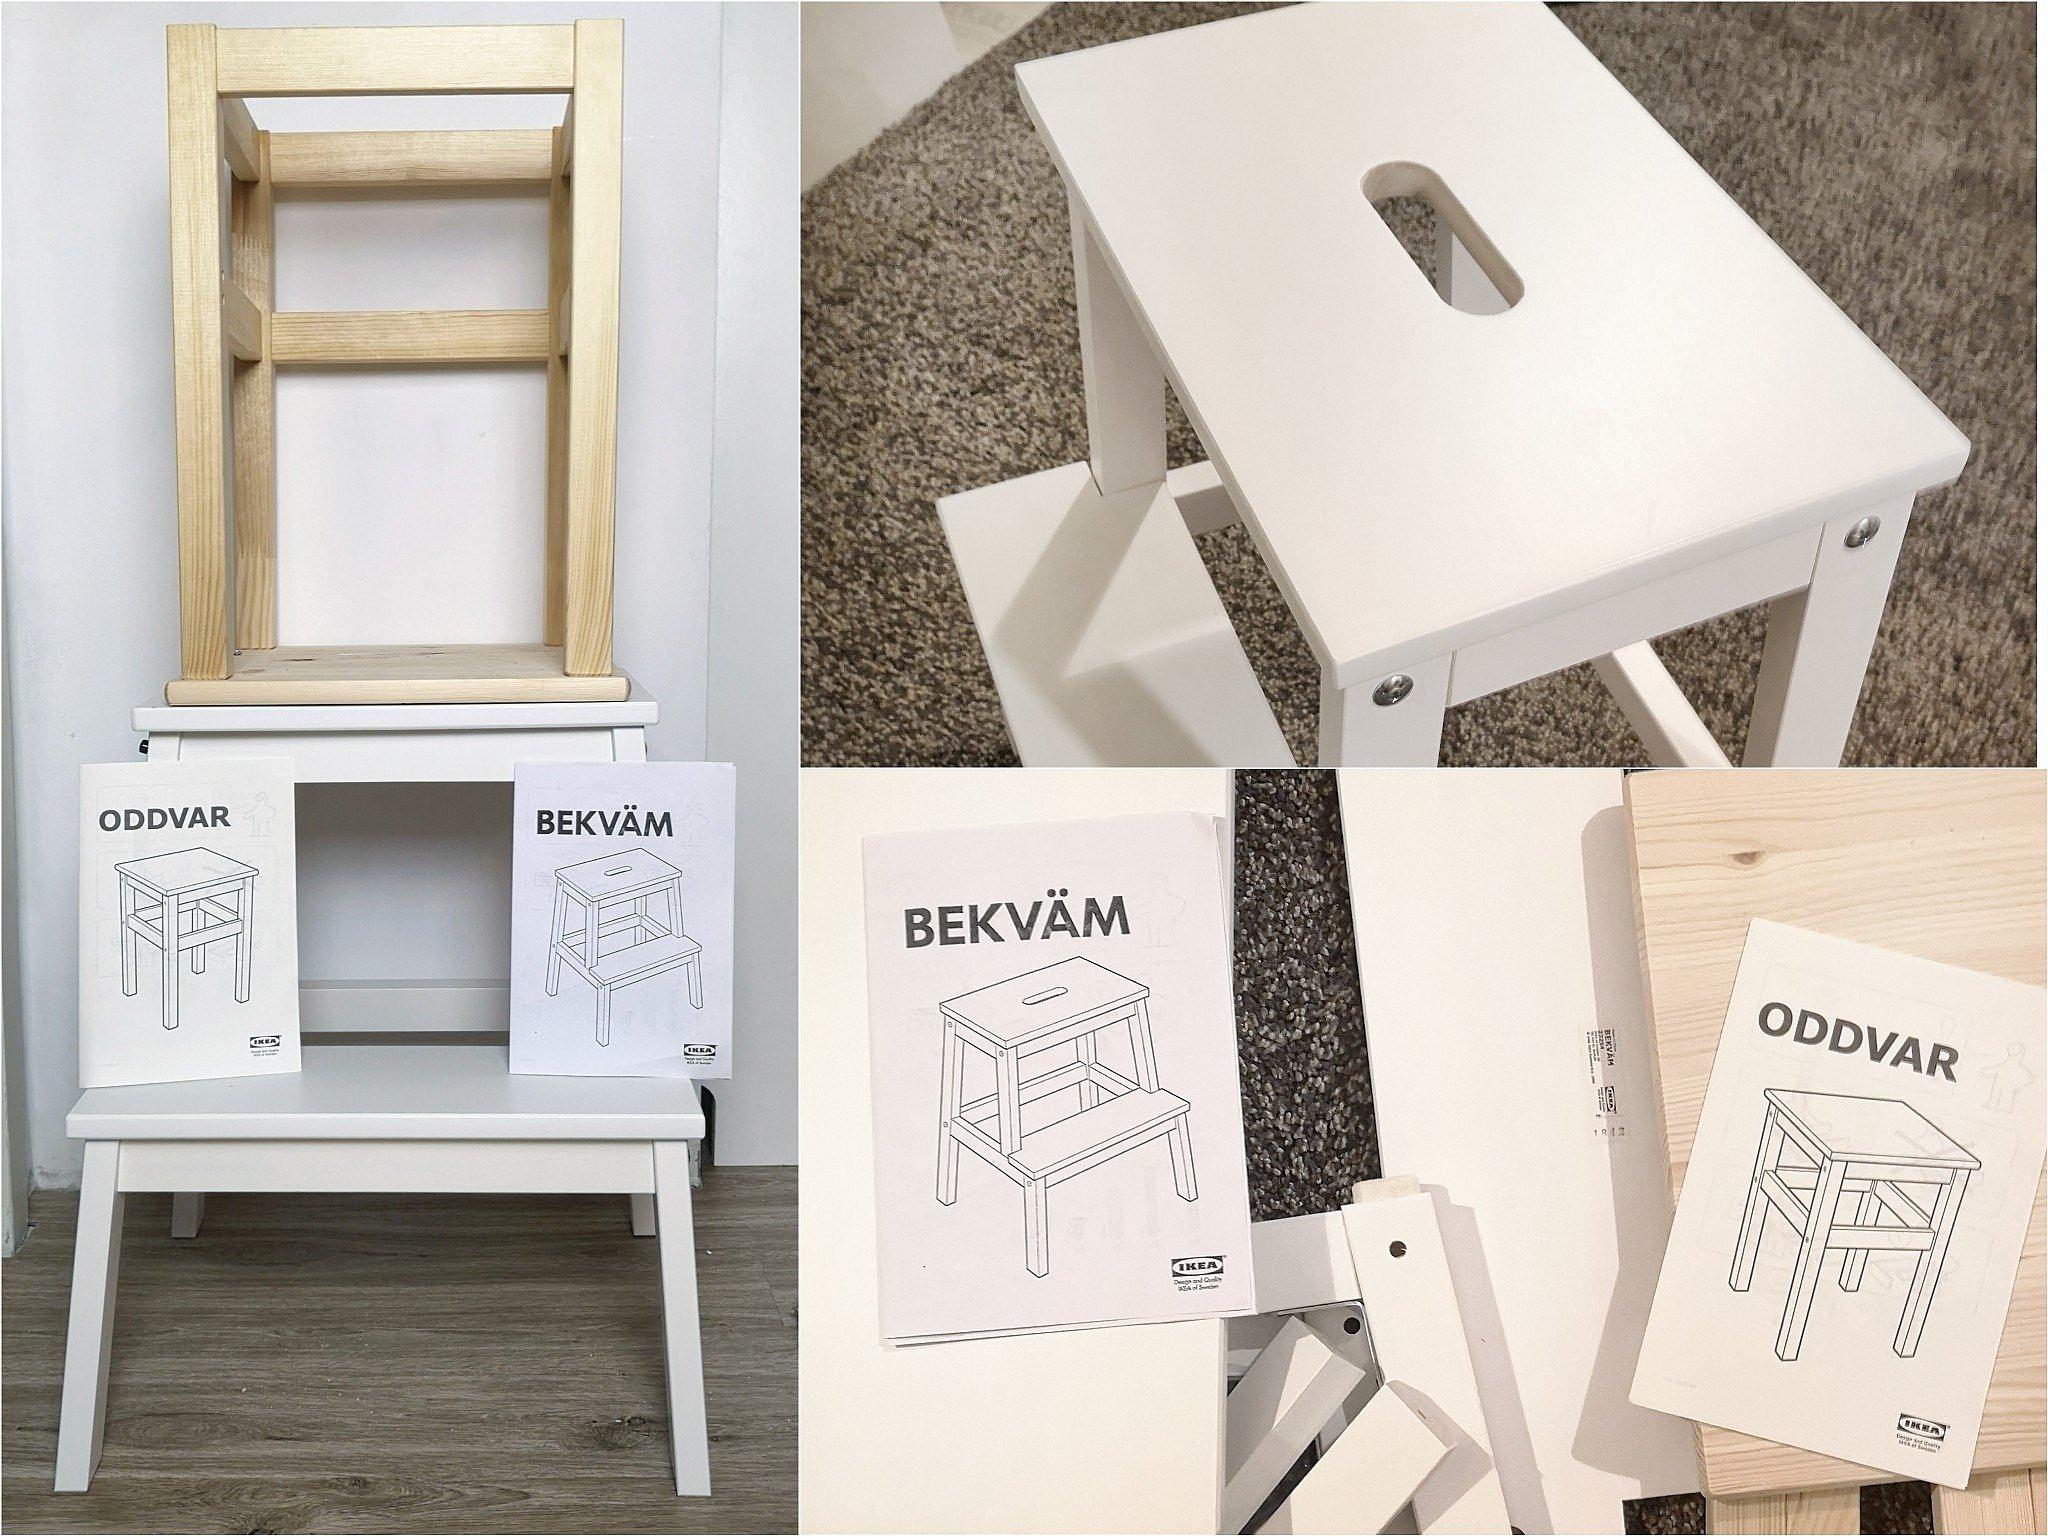 Hack Euro Kleinliebchen Für Ikea 30 Kinder Diy Kochstuhl 5AL34Rqj